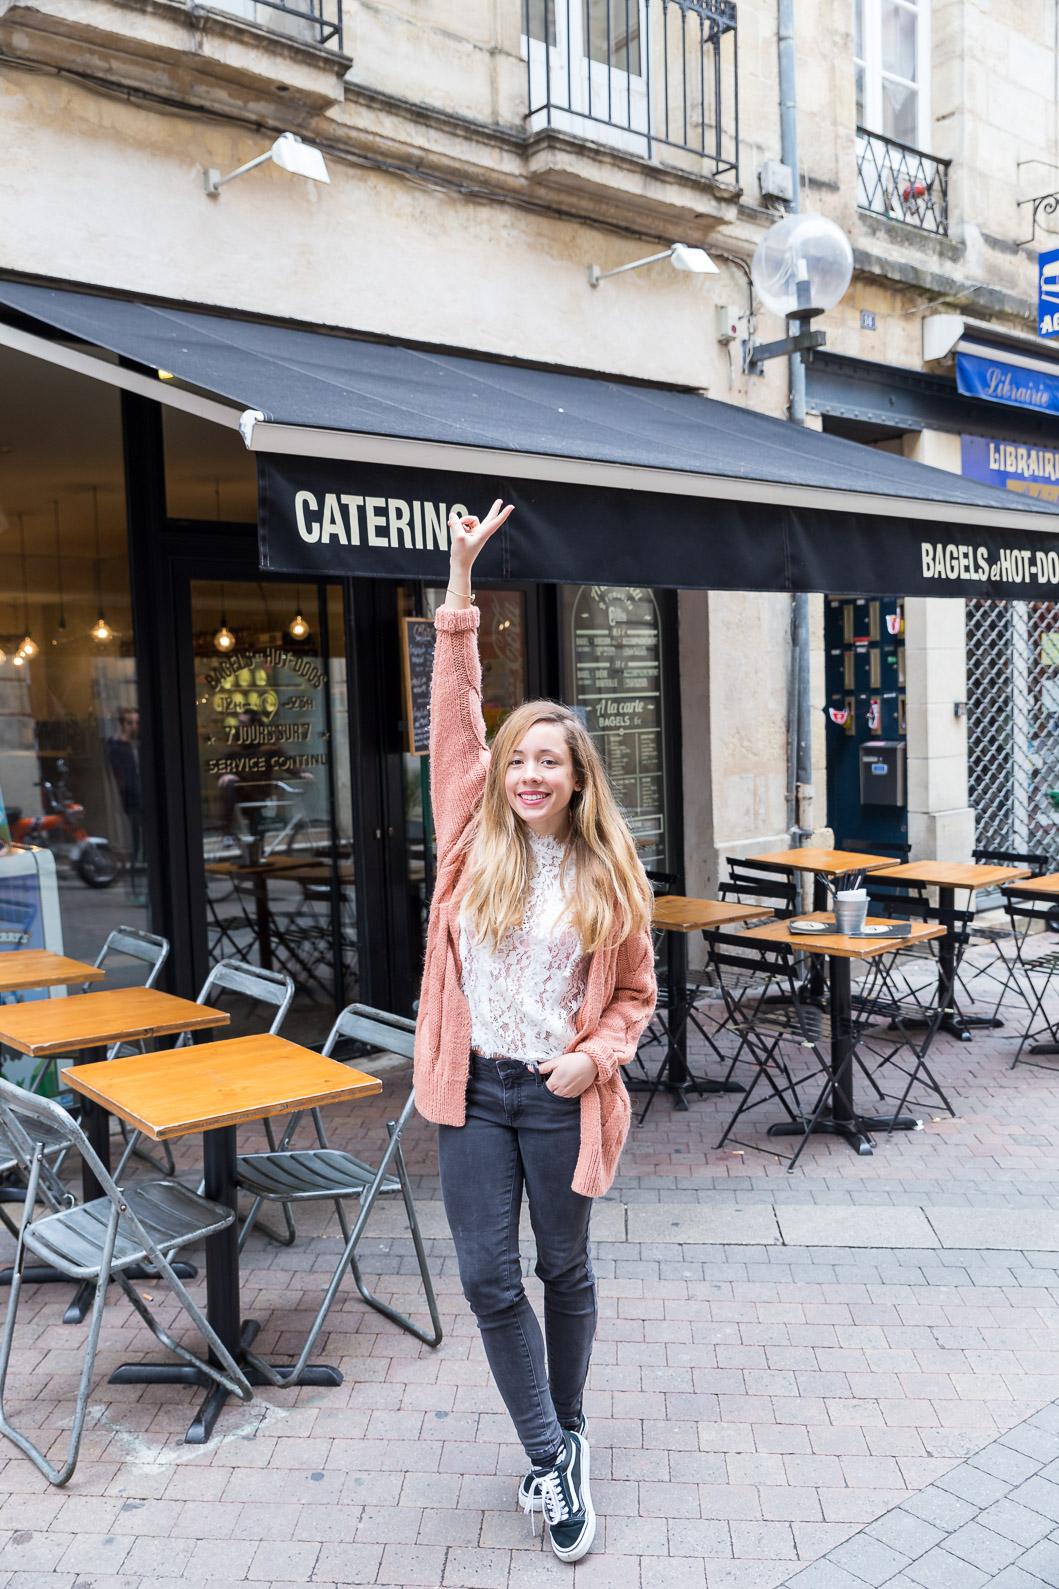 Le Catering Bordeaux